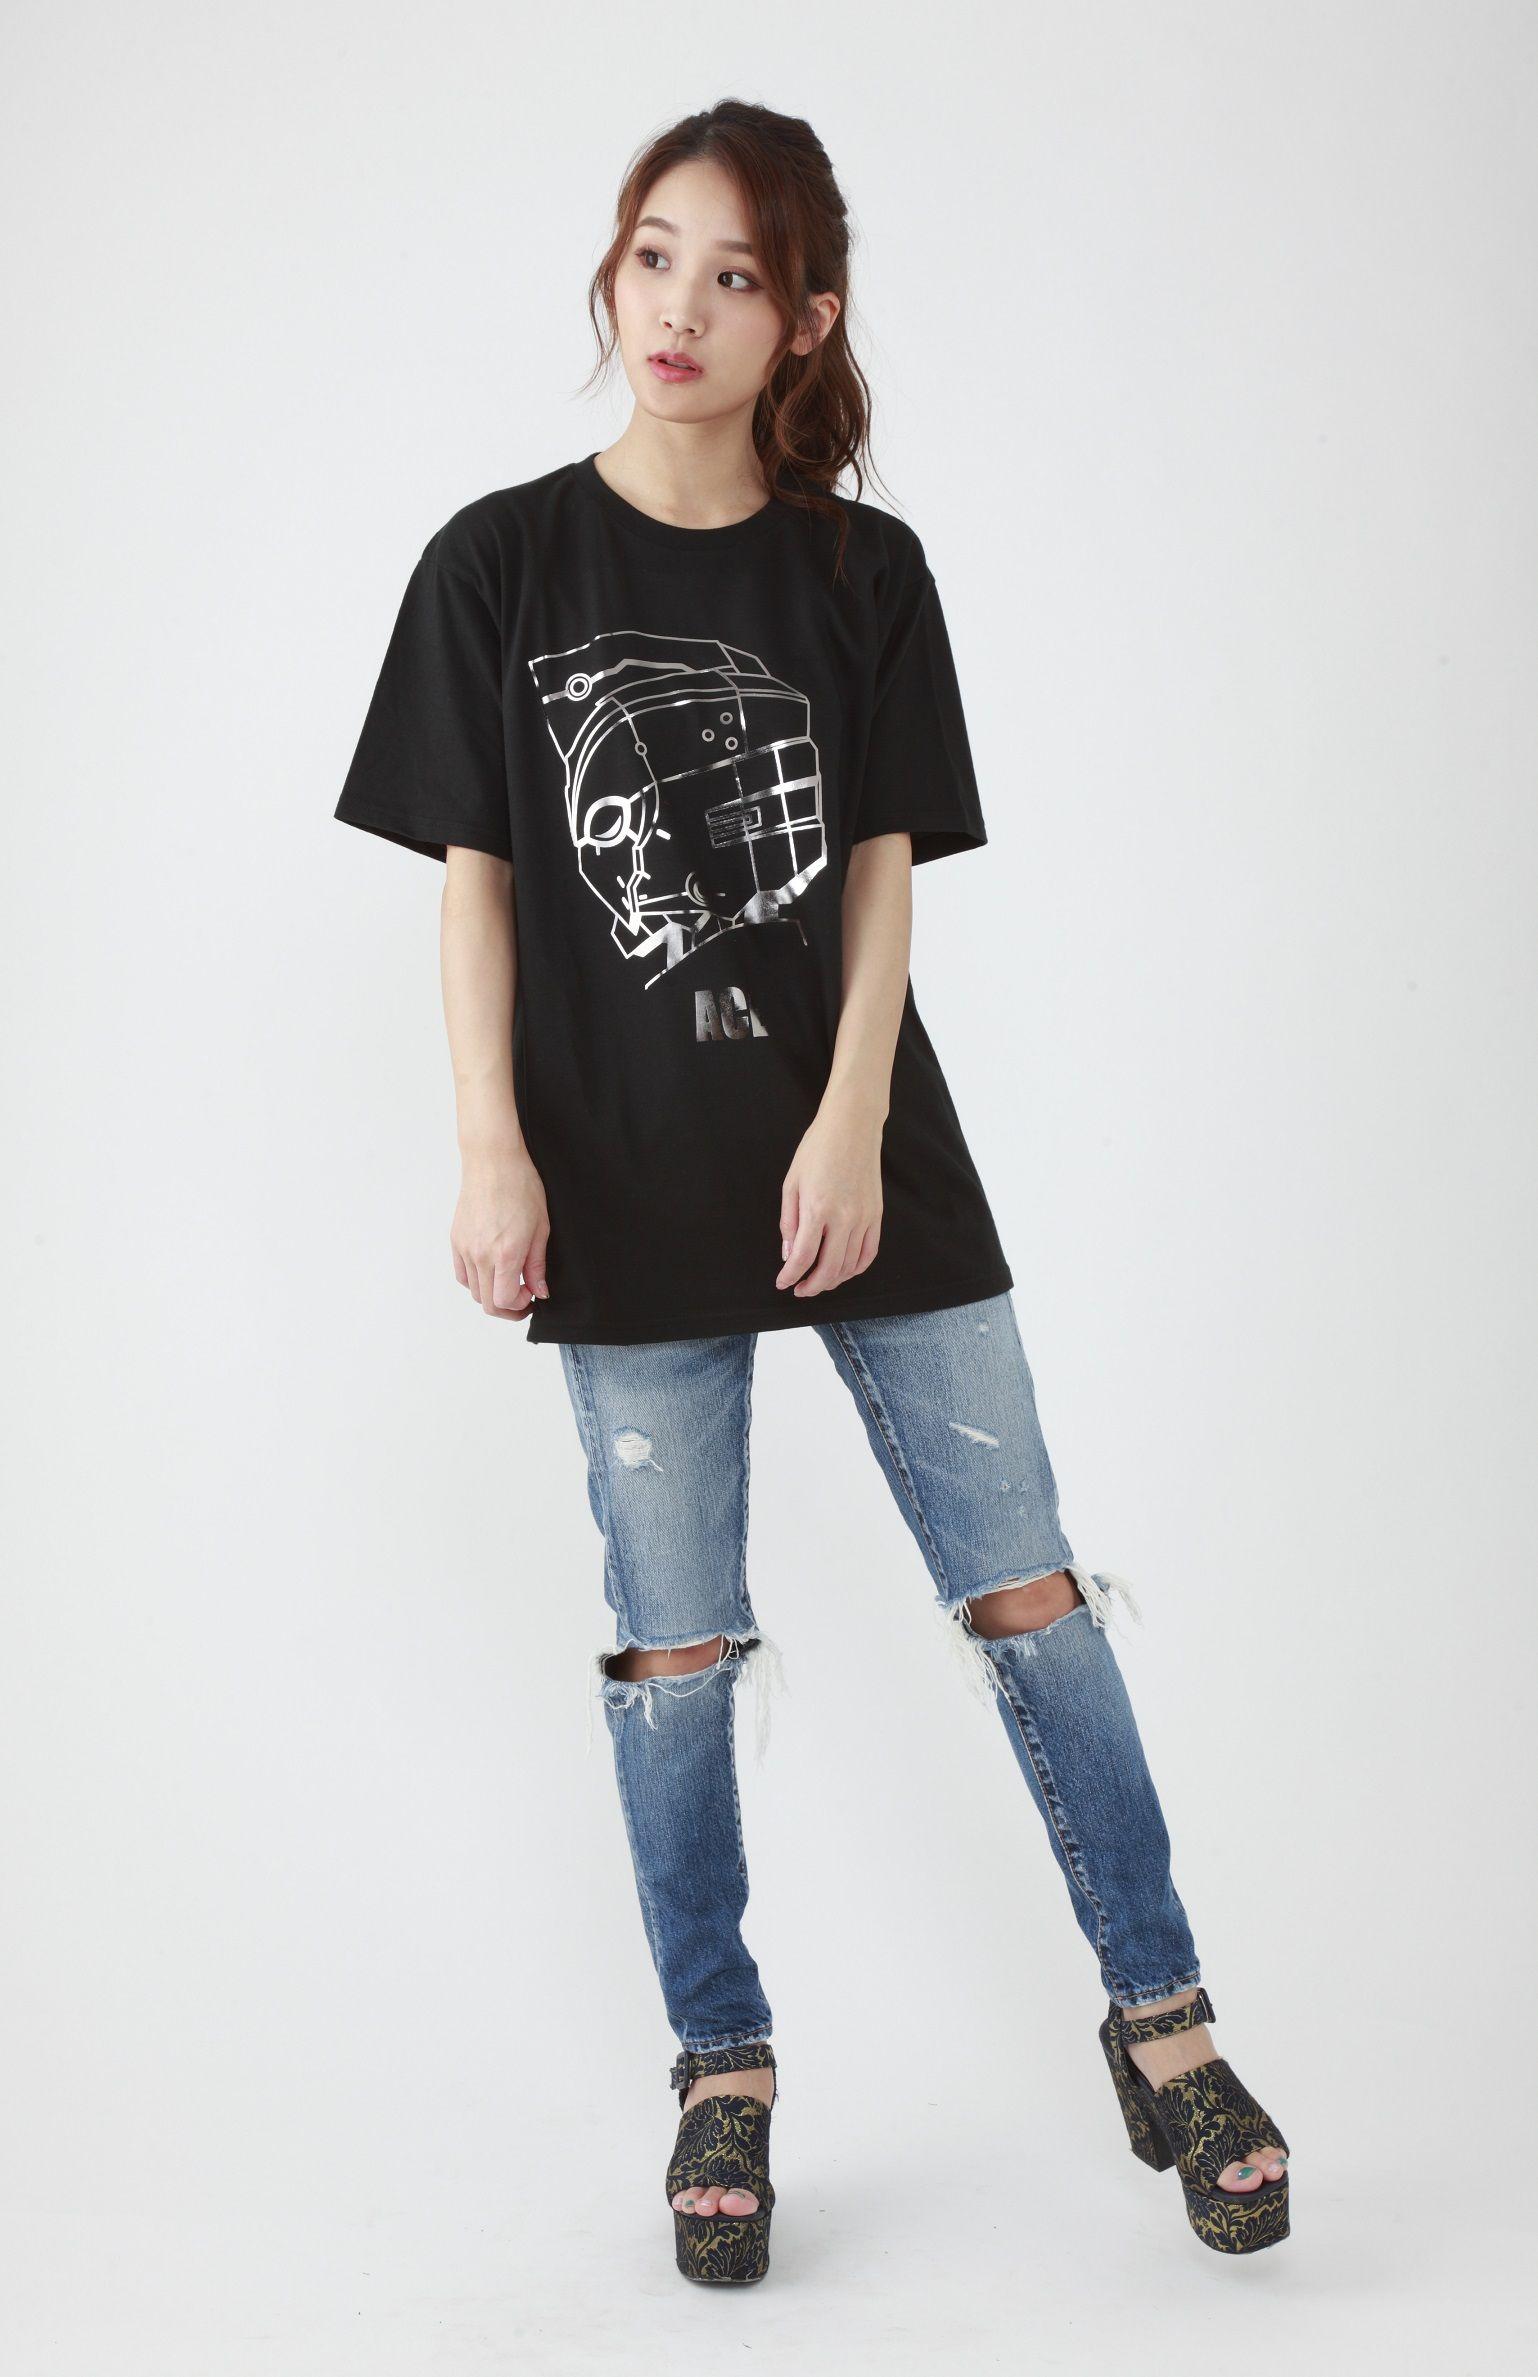 ULTRAMAN T-shirt - Ace ver